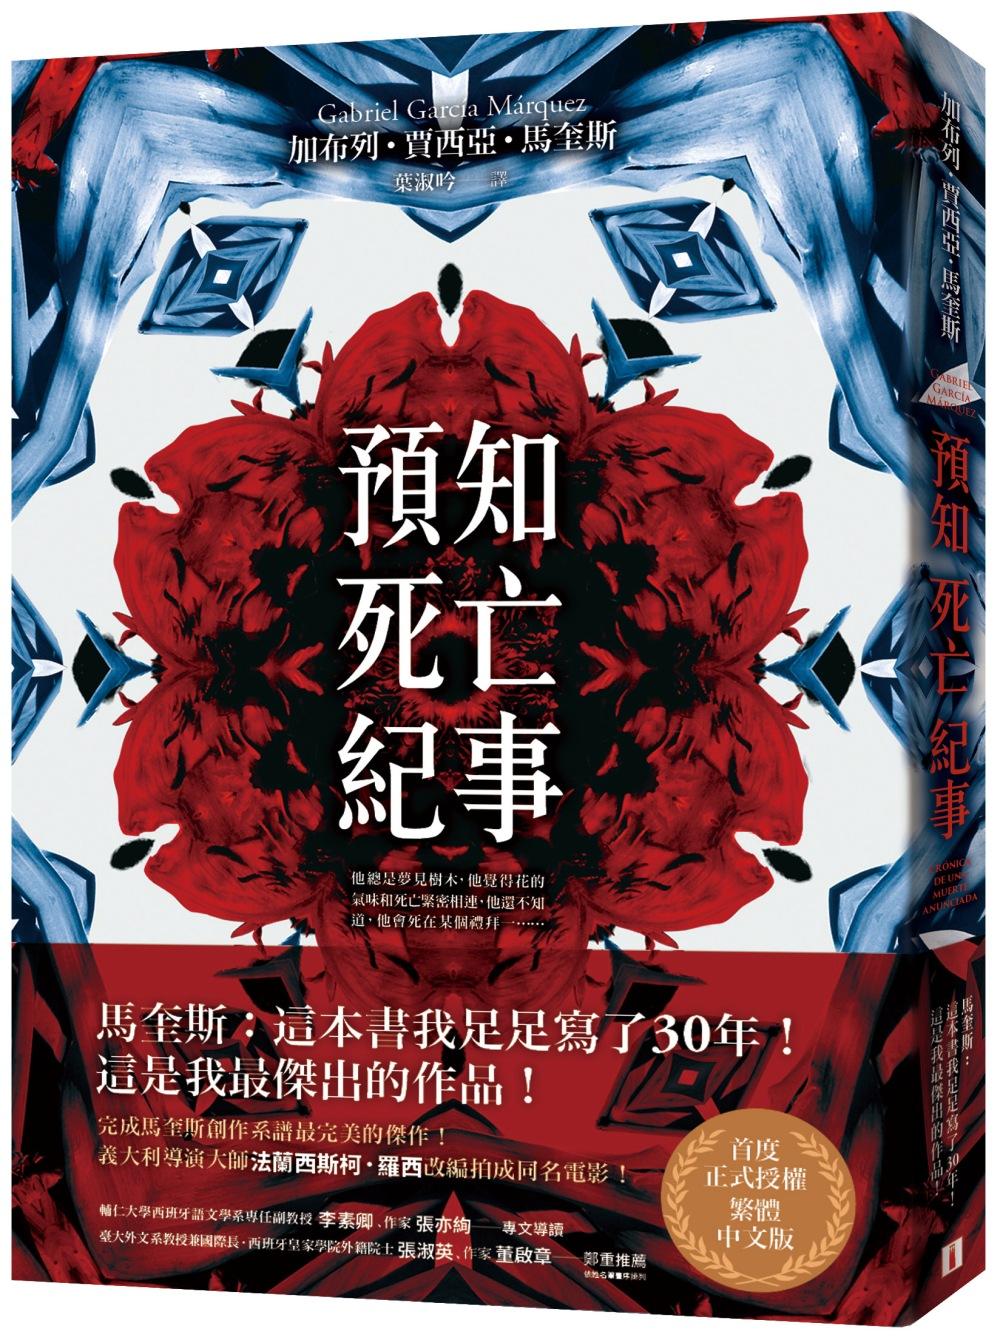 預知死亡紀事:馬奎斯自認最傑出的作品,首度正式授權繁體中文版!【博客來獨家書封版】